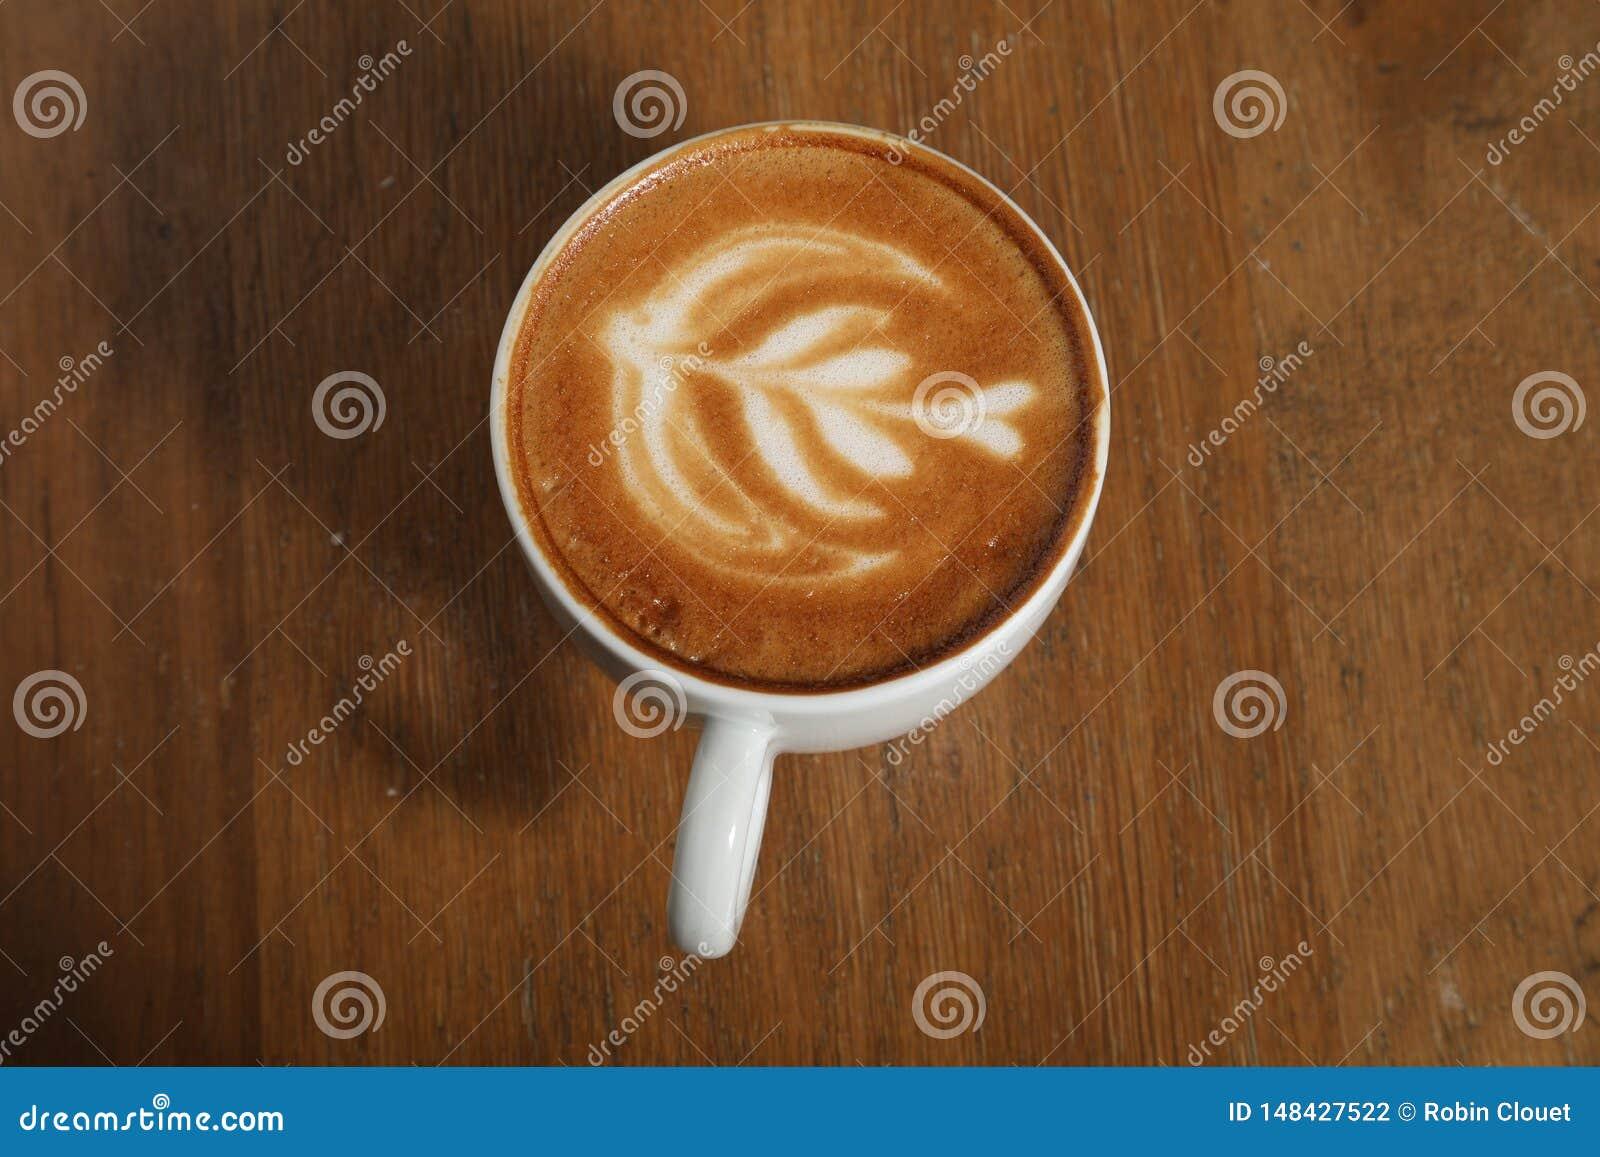 Trevlig attraktion för kopp kaffe i kräm